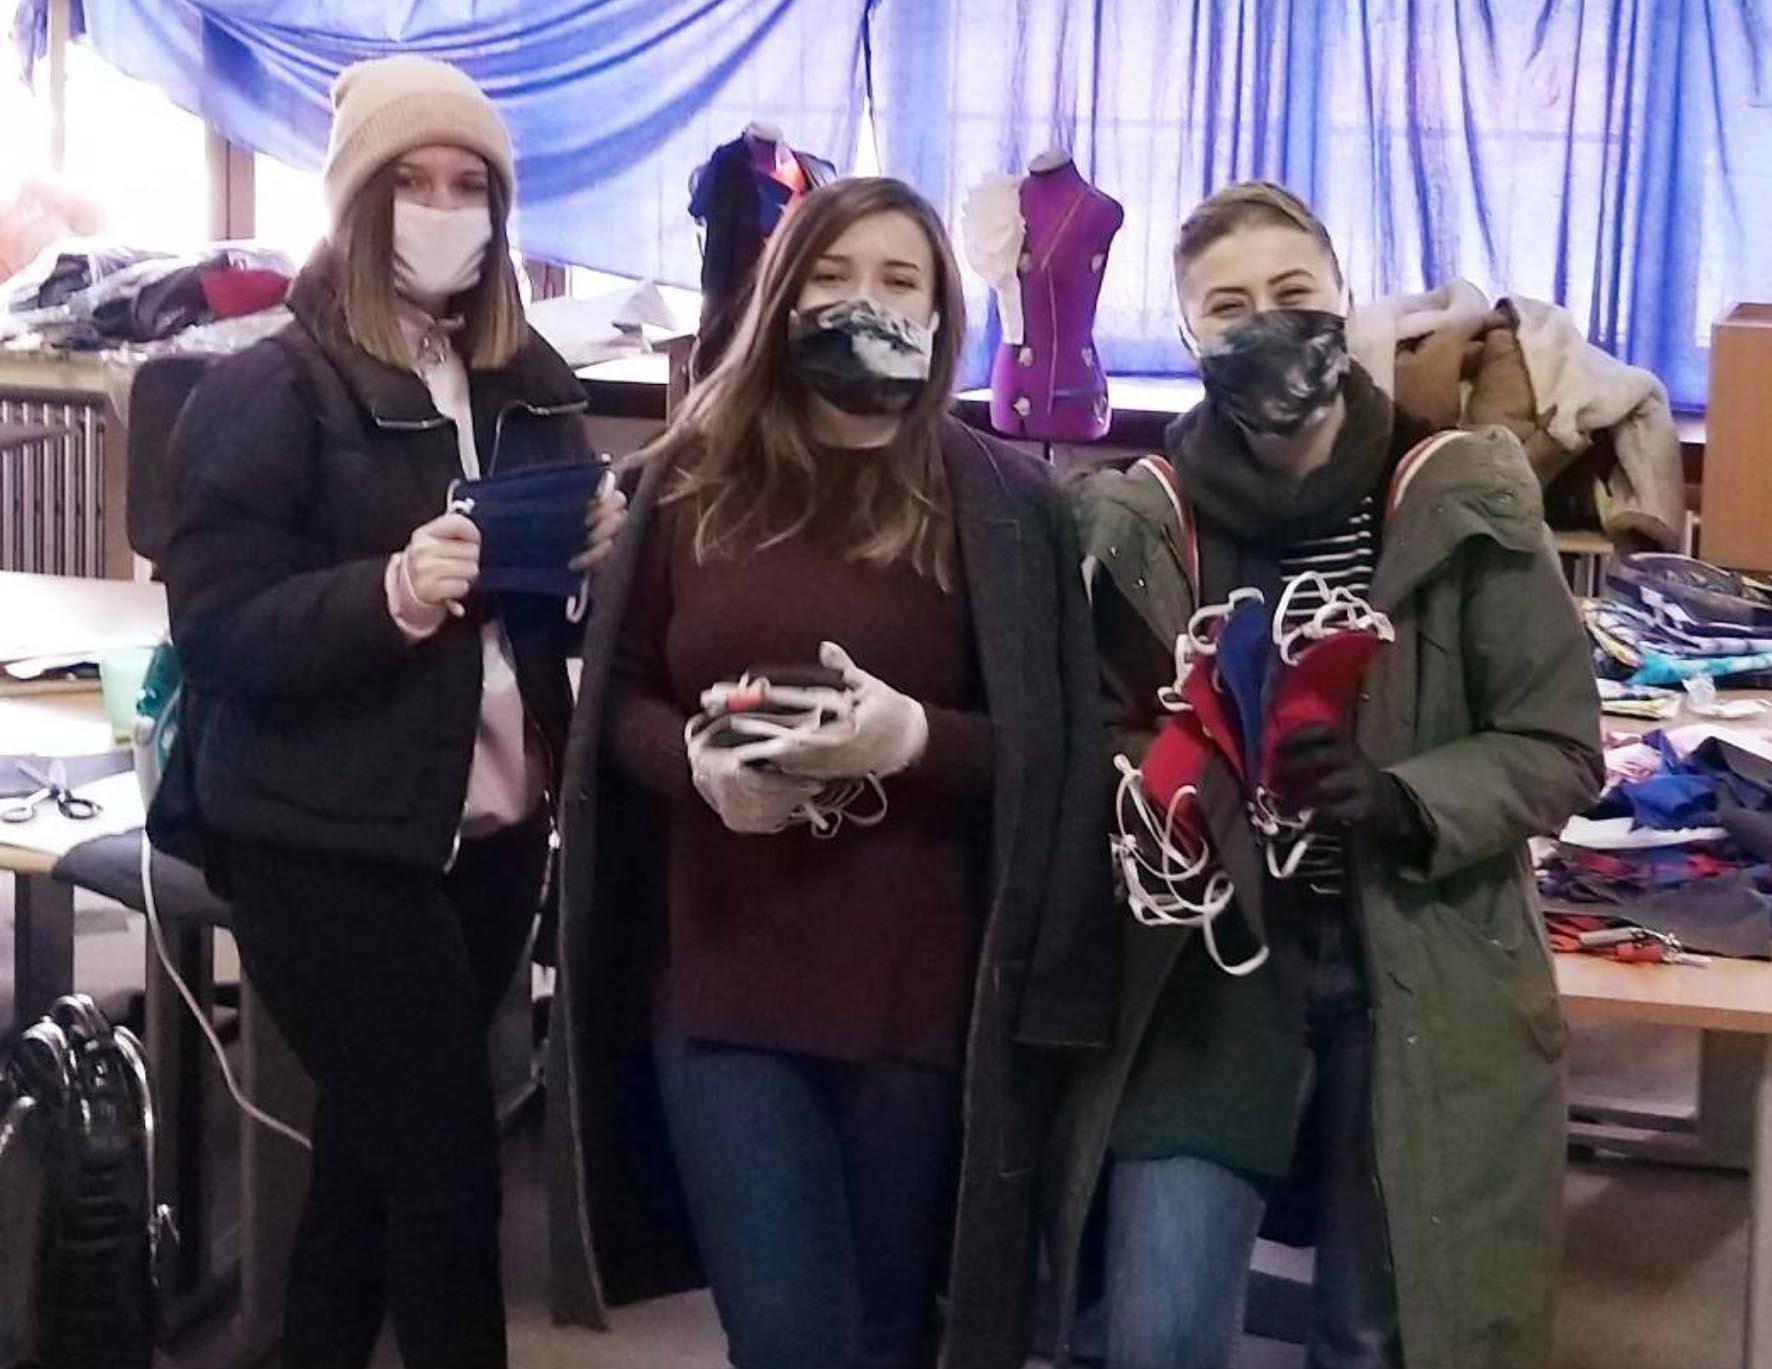 Tekstilni odsjek Univerziteta u Bihaću dijeli zaštitne maske građanima i građankama Bihaća